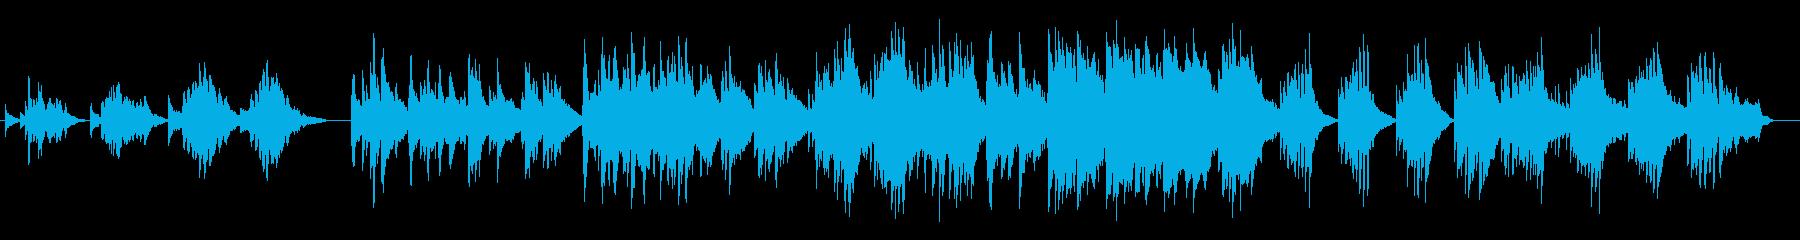 お洒落なピアノバラードの再生済みの波形